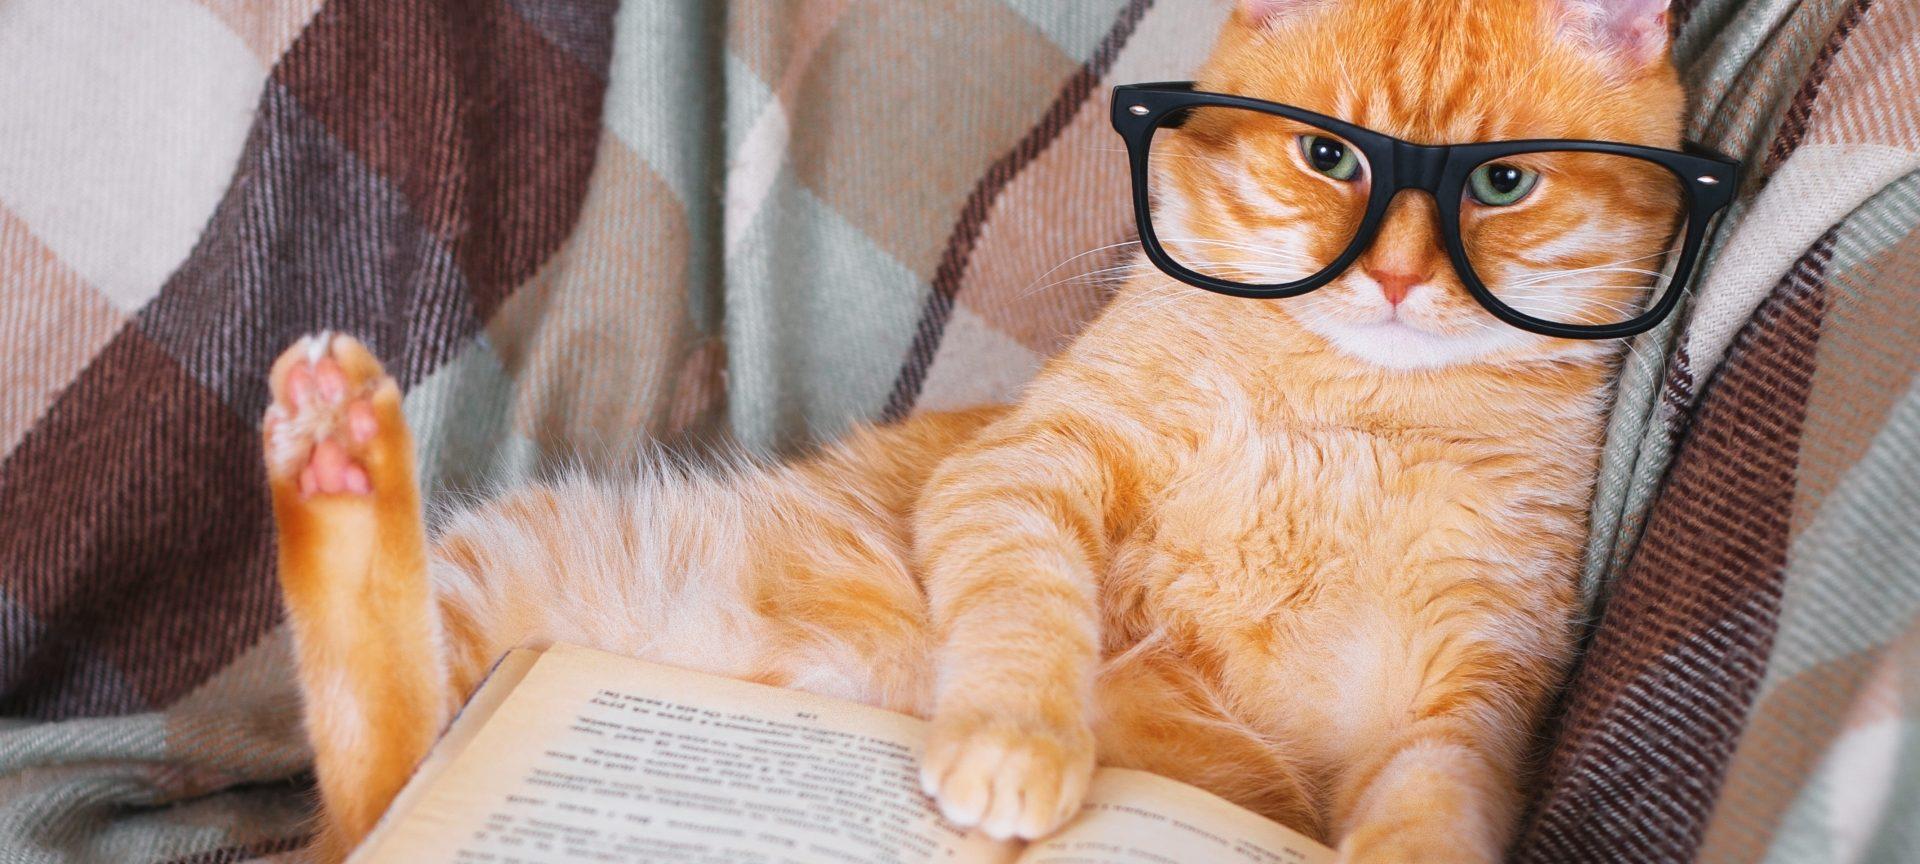 pisică în opțiuni a lucrat cineva cu adevărat pe internet